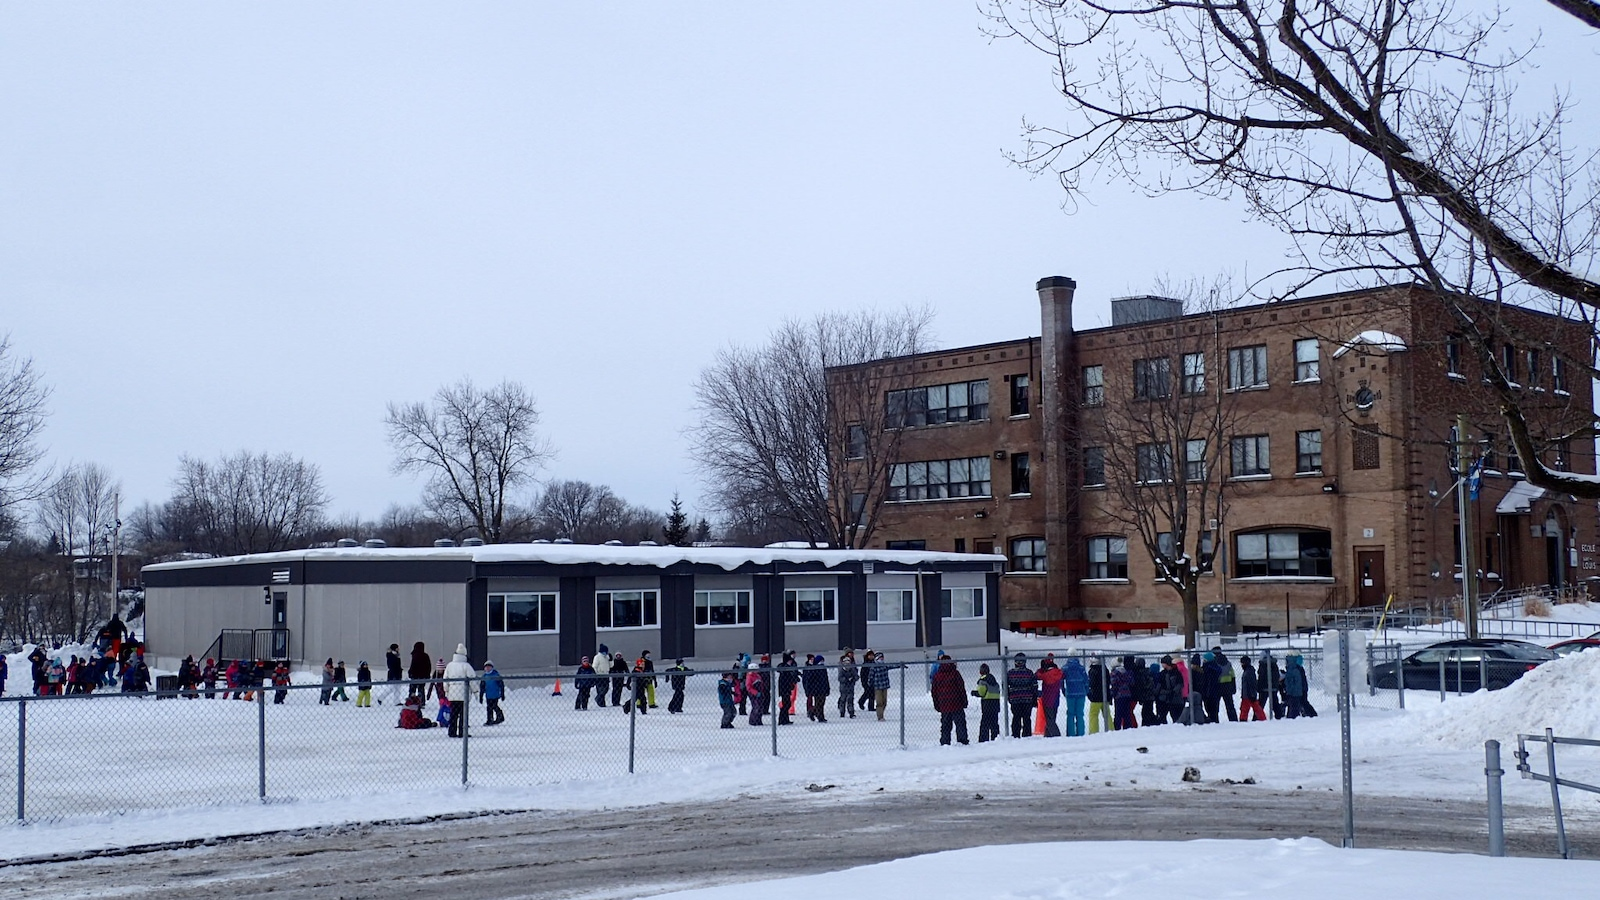 Une cour d'école en hiver avec quelques dizaines d'enfants